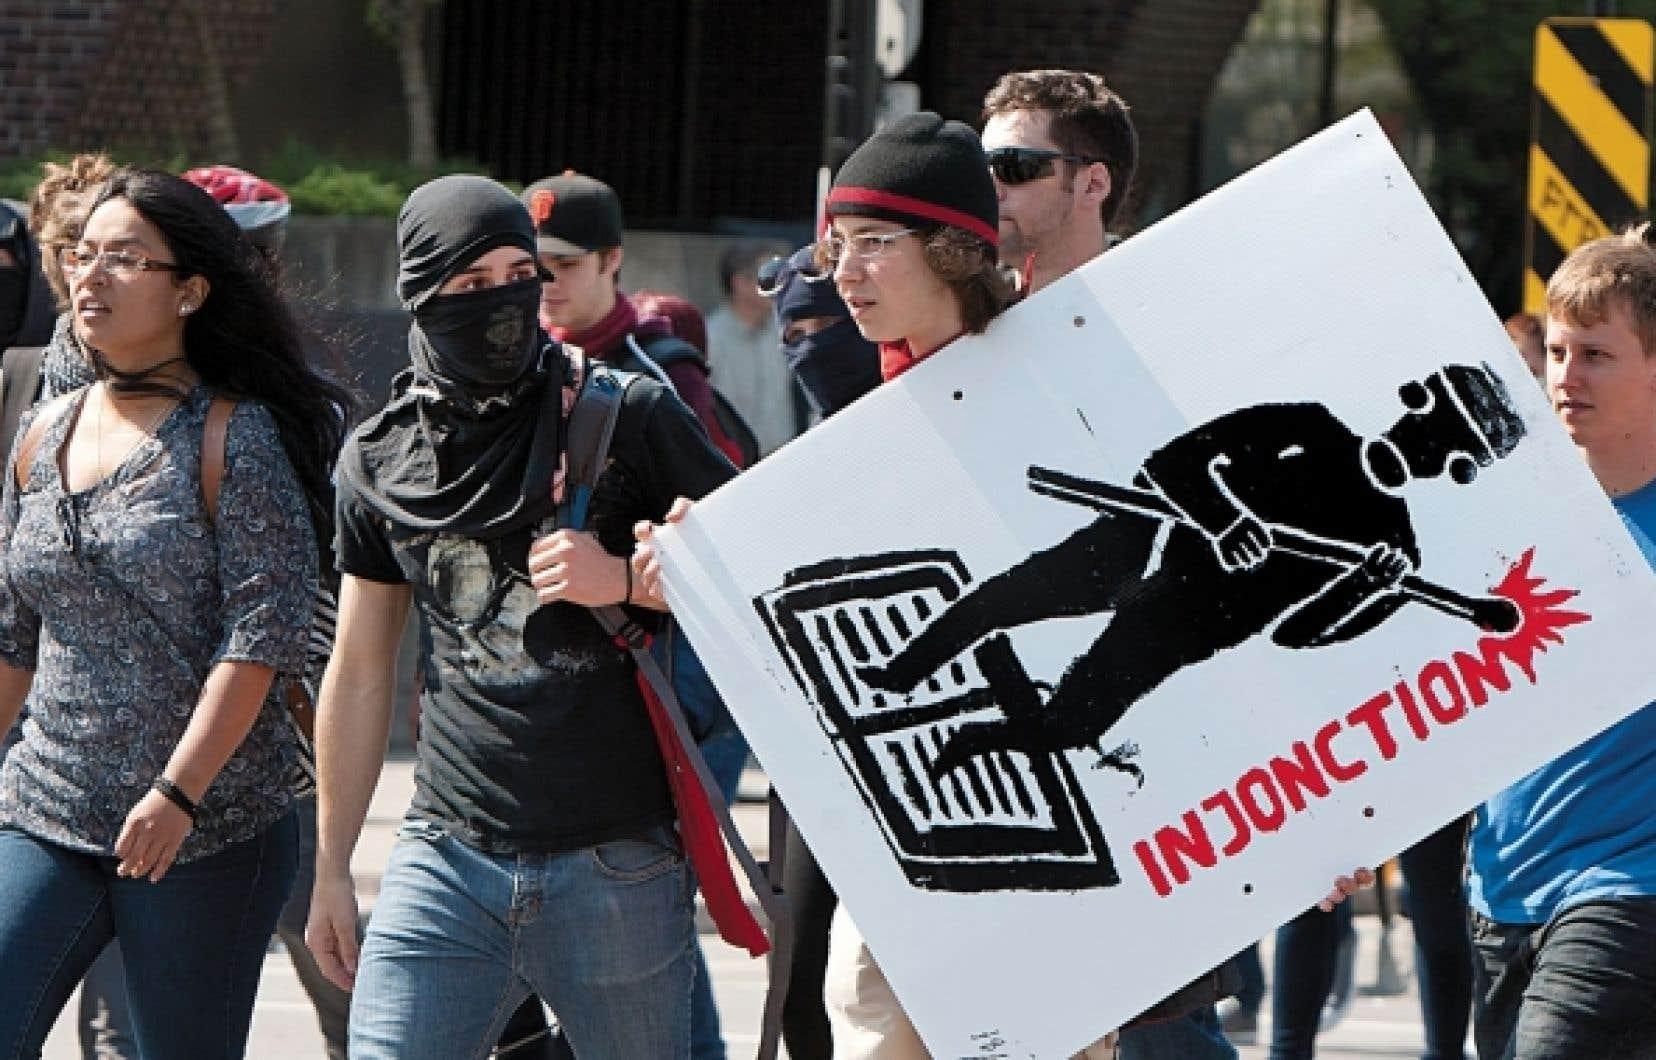 La protection de la liberté des étudiants d'accéder à leurs cours a d'abord été cautionnée par des injonctions. Devant leur insuccès, la loi d'exception 78 a pris le relais avec des amendes salées pour tous ceux qui entraveraient la liberté d'éducation.